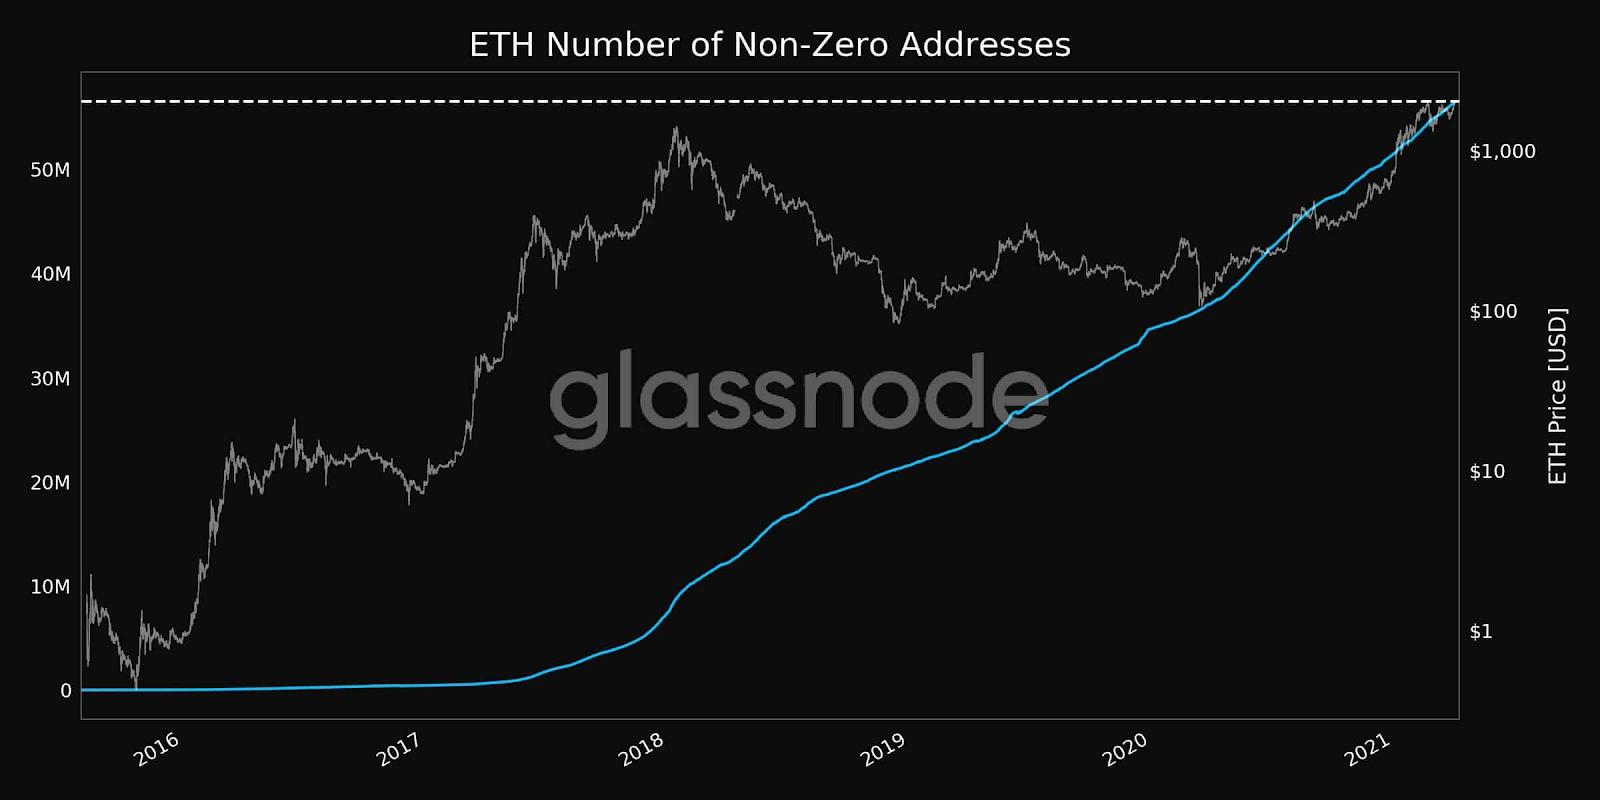 Número de endereços de ETH com algum saldo. Fonte: Glassnode e CryptoPotato.